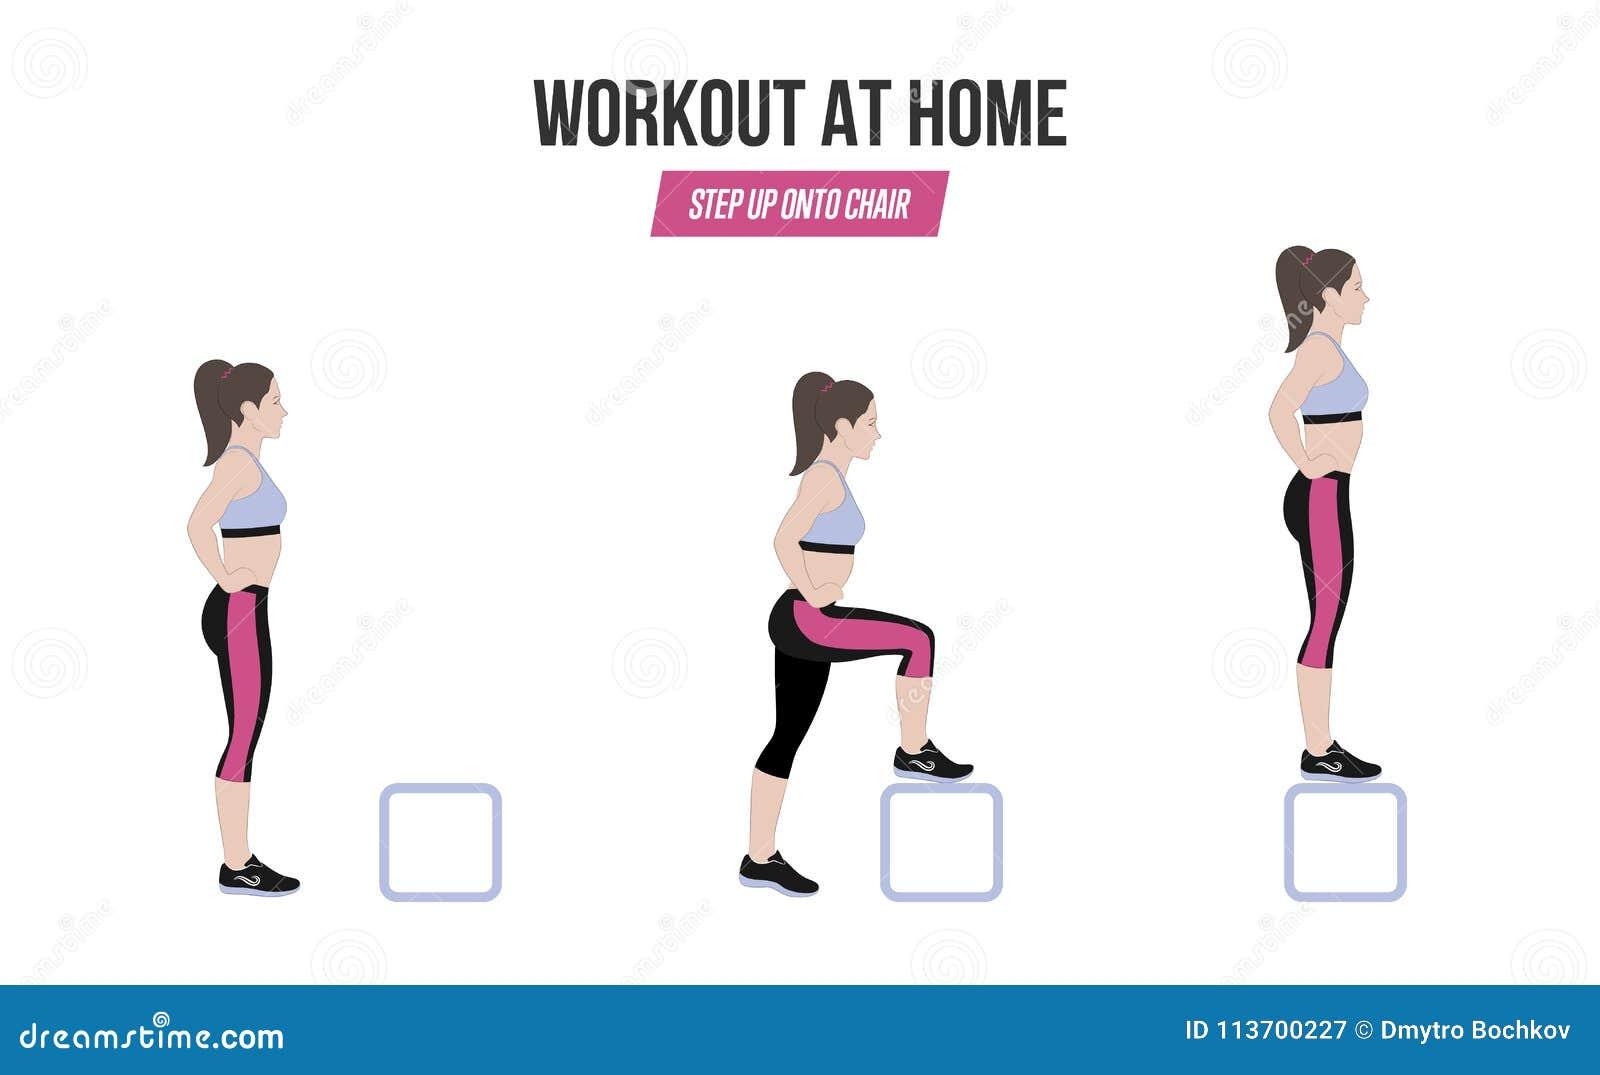 Atletische Oefeningen Oefening Thuis Voer Op Chiar Illustratie Van